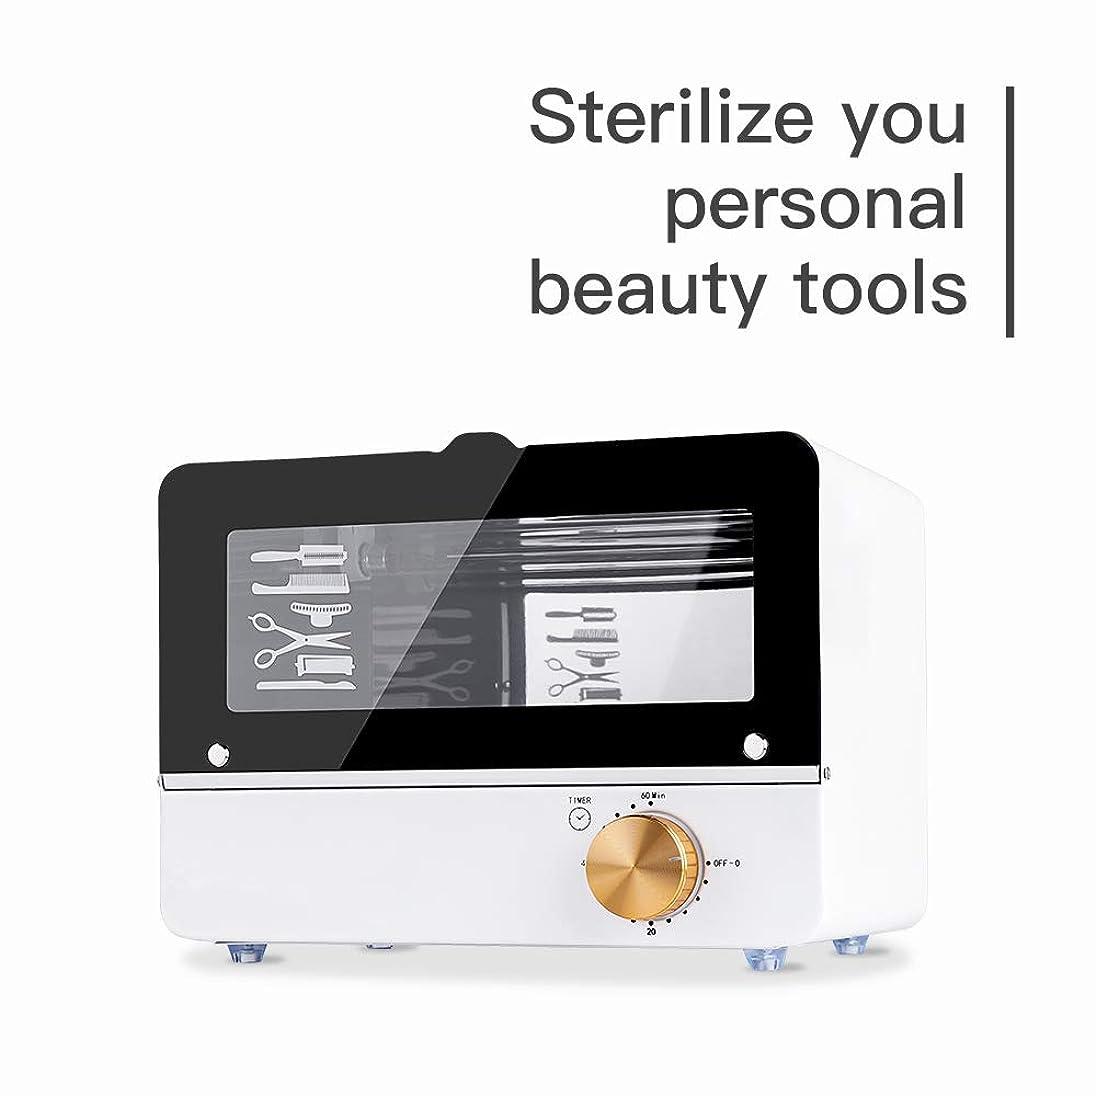 打ち上げるすきガラガラ高温滅菌マニキュアツール、美容ネイルメタルツールのためのUV消毒ボックス収納ケース、殺菌された細菌99.9%